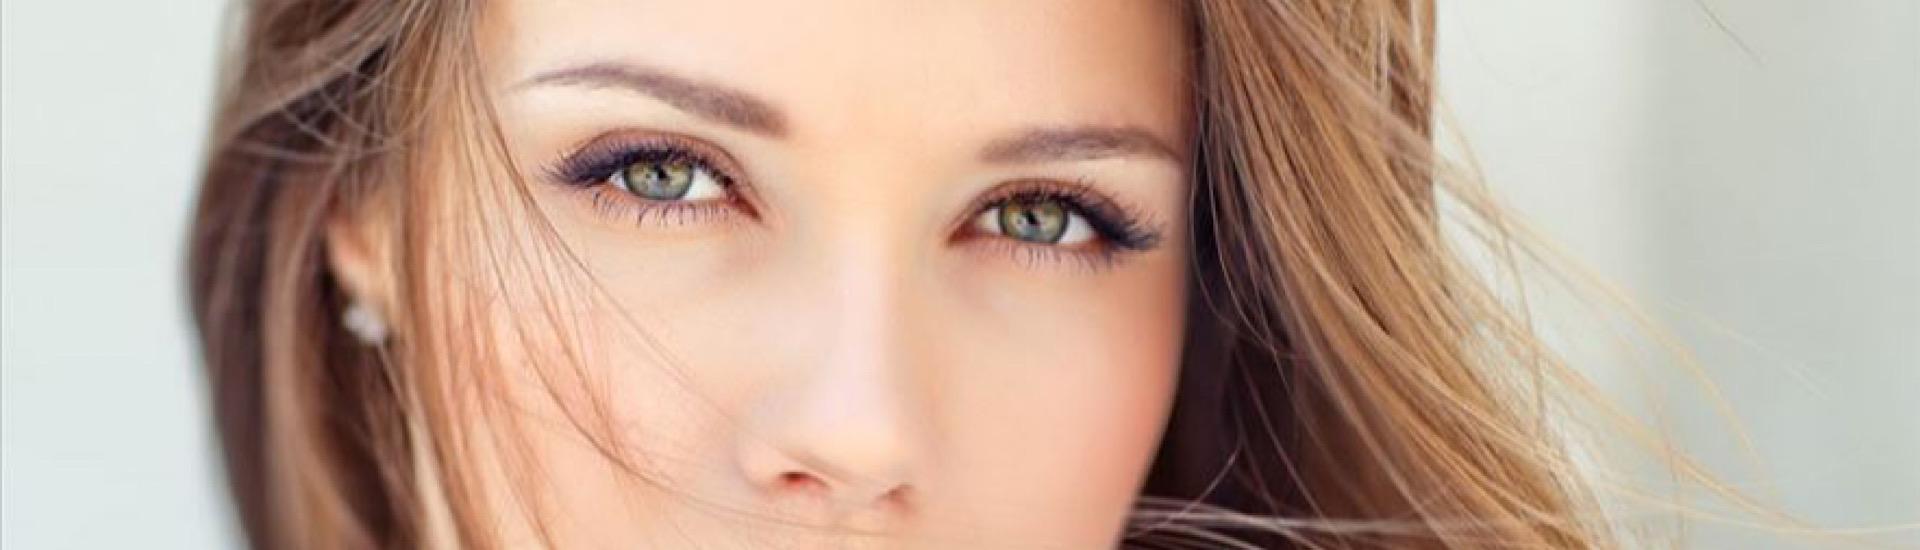 beauty lounge haarlem permanente make up schoonheid huid